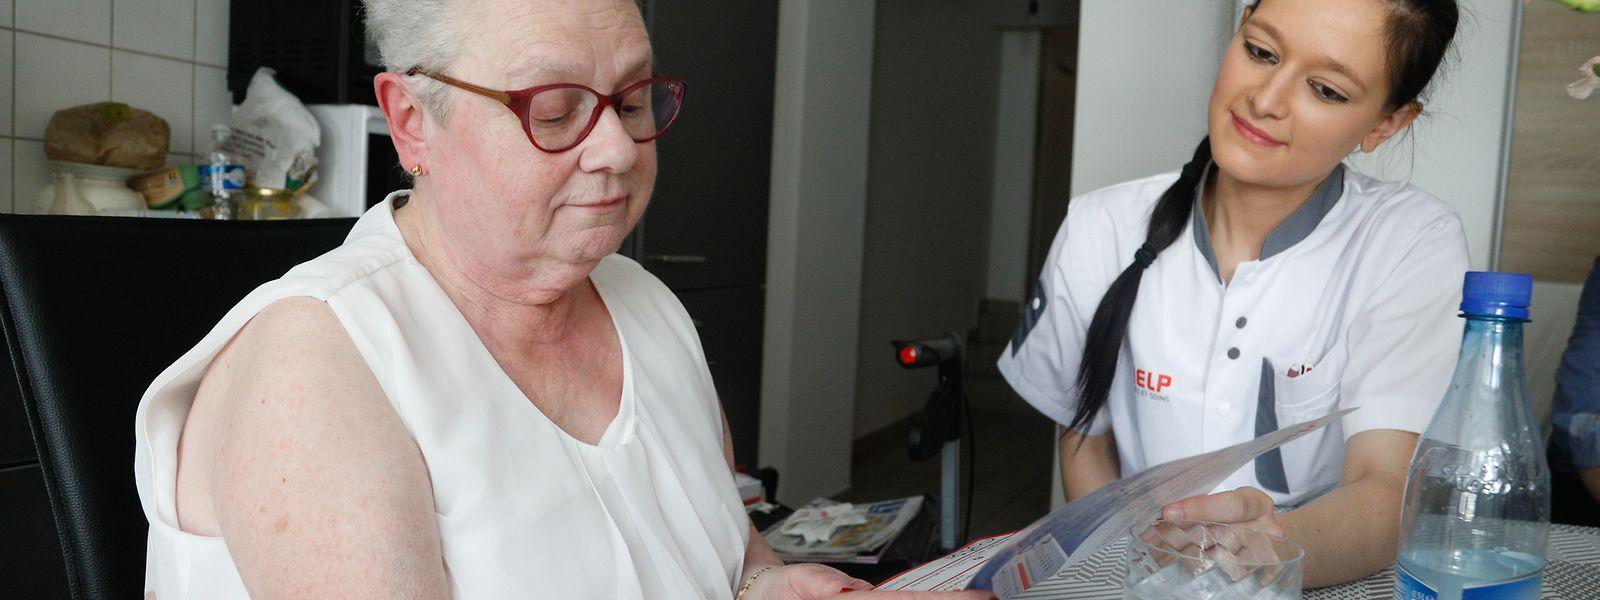 Marine Gazel erklärt Liliane Le Clerc-Hubert anhand einer Broschüre die Verhaltensregeln bei Hitze.